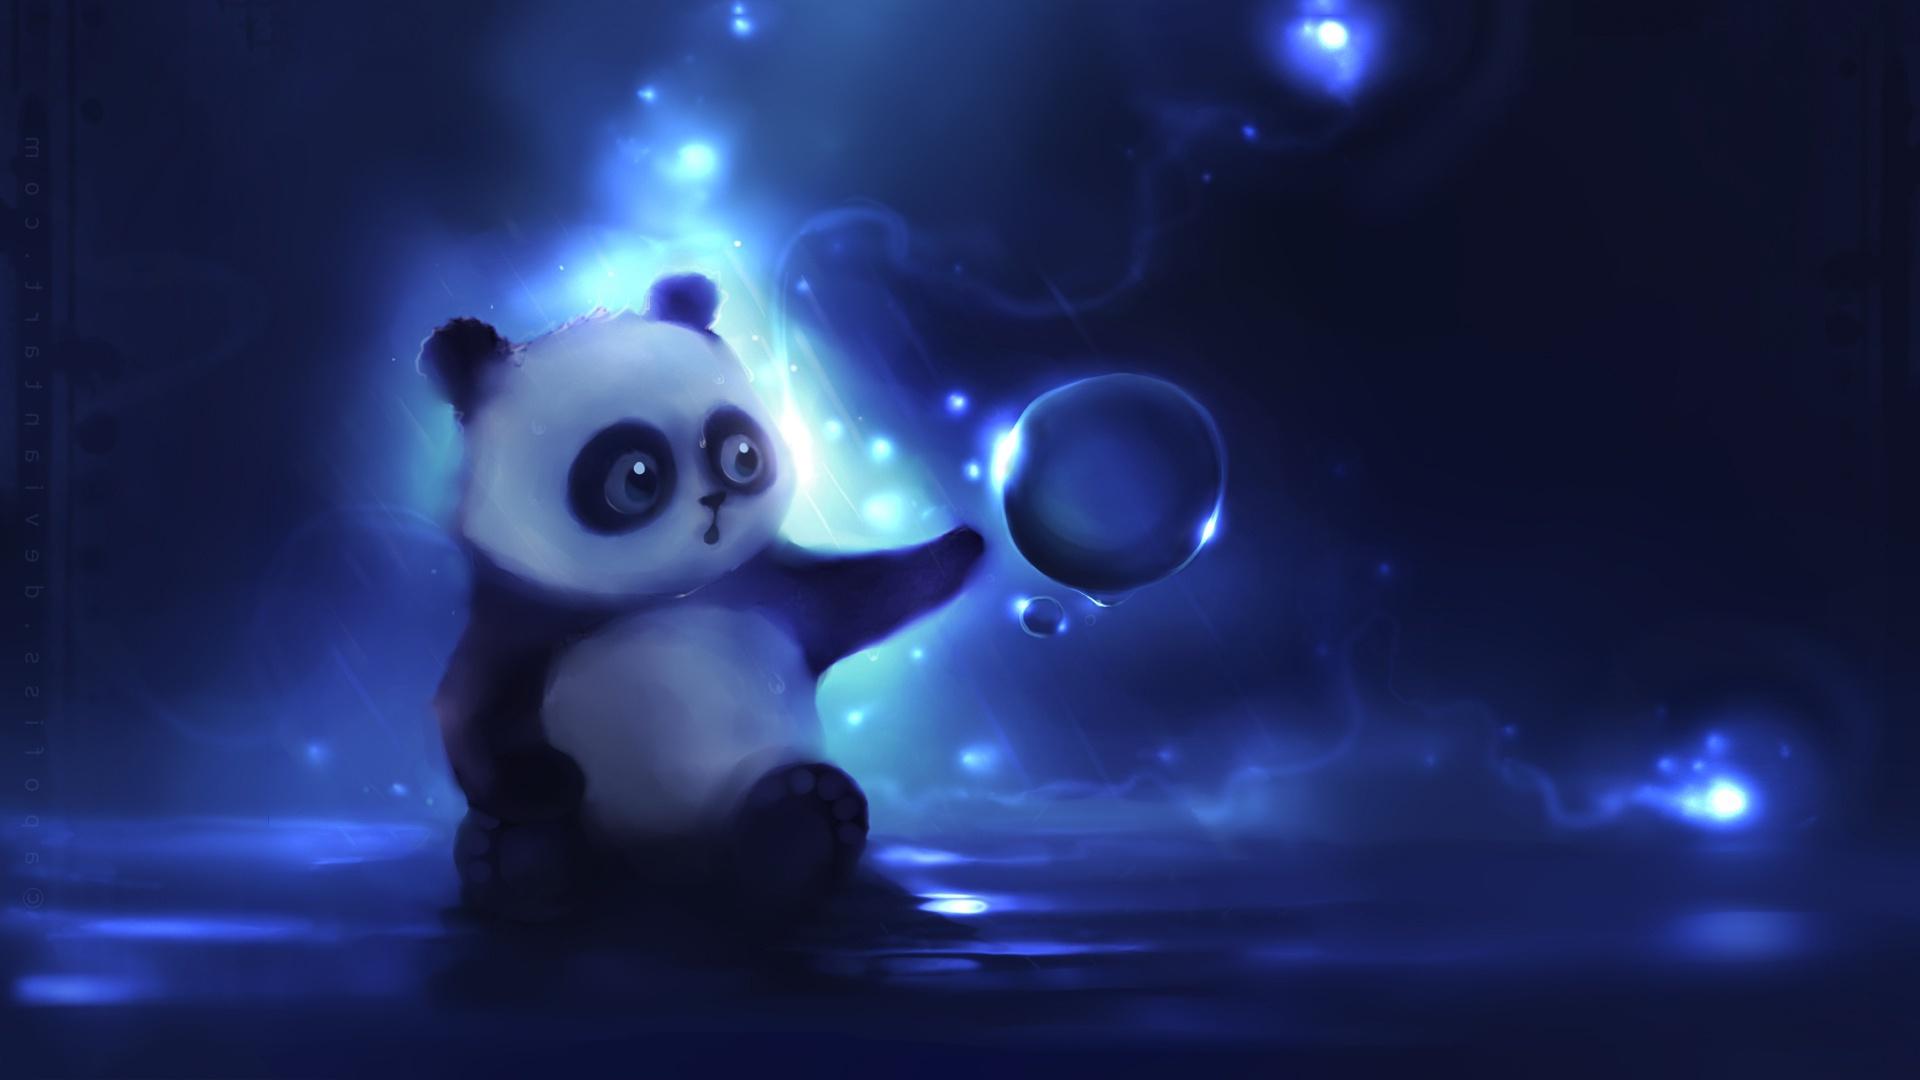 Animal Wallpaper Download Panda Wallpaper Hd Hd Wallpapermonkey Panda Wallpapers